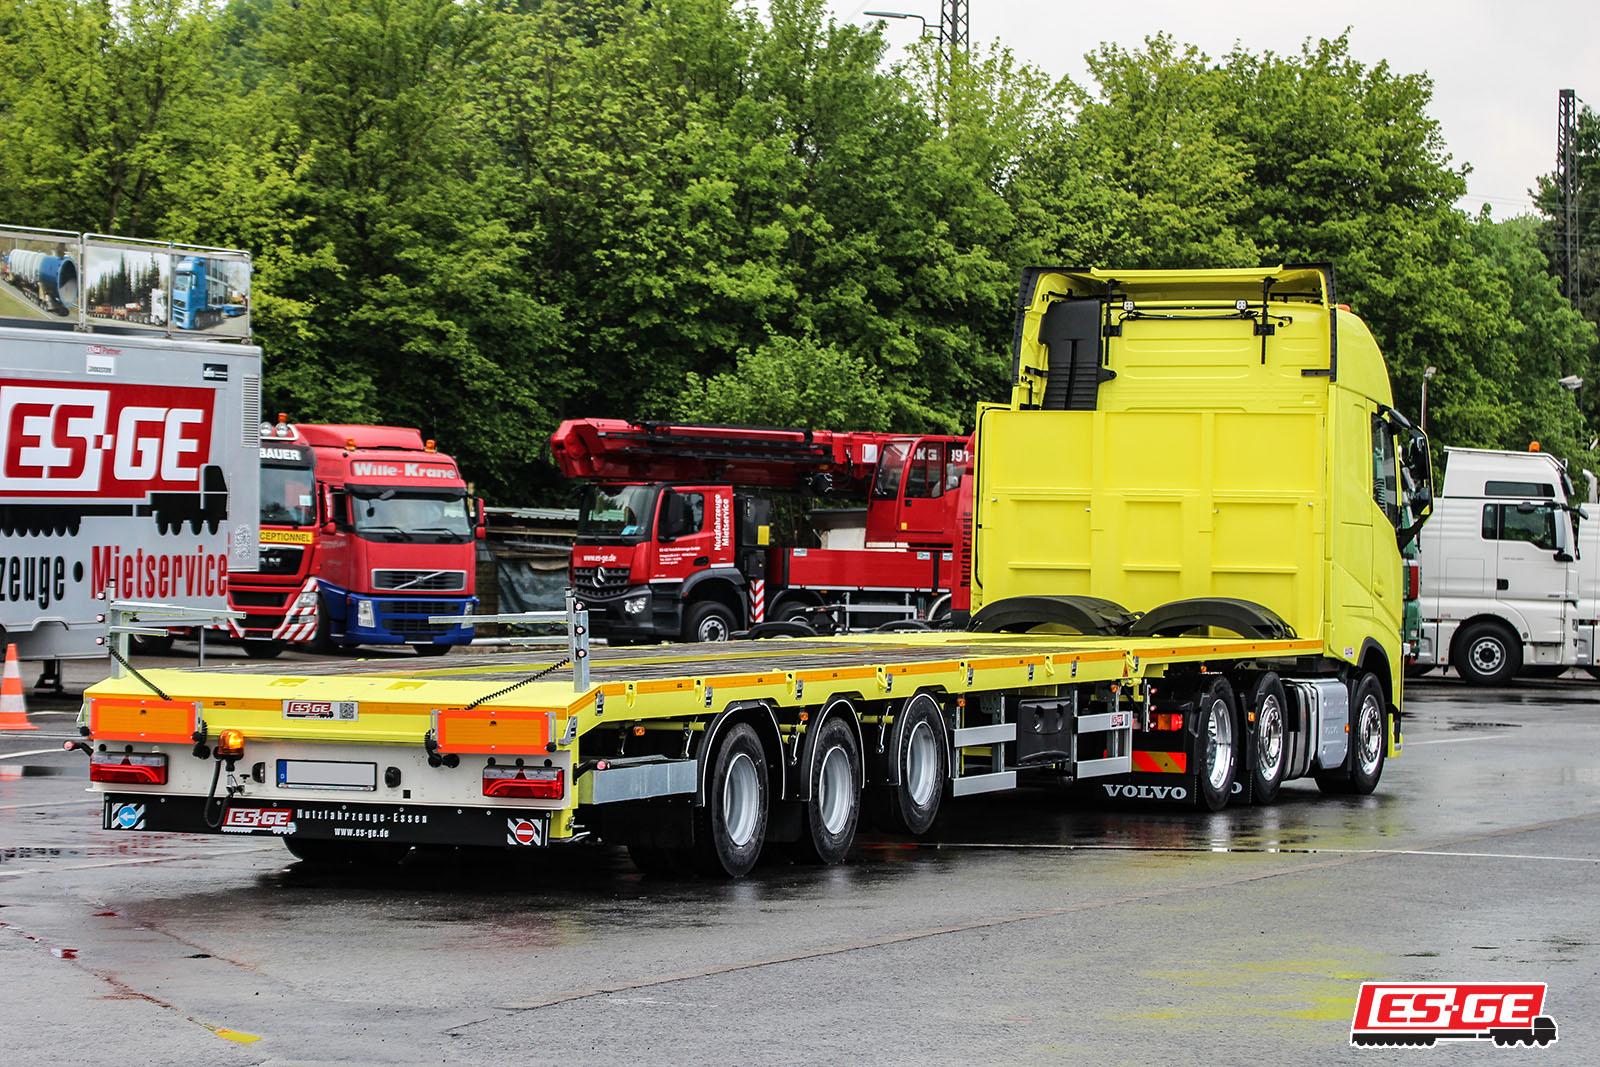 ES-GE-Megatrailer-Volvo-Lowliner-Soenke-Jordt-4